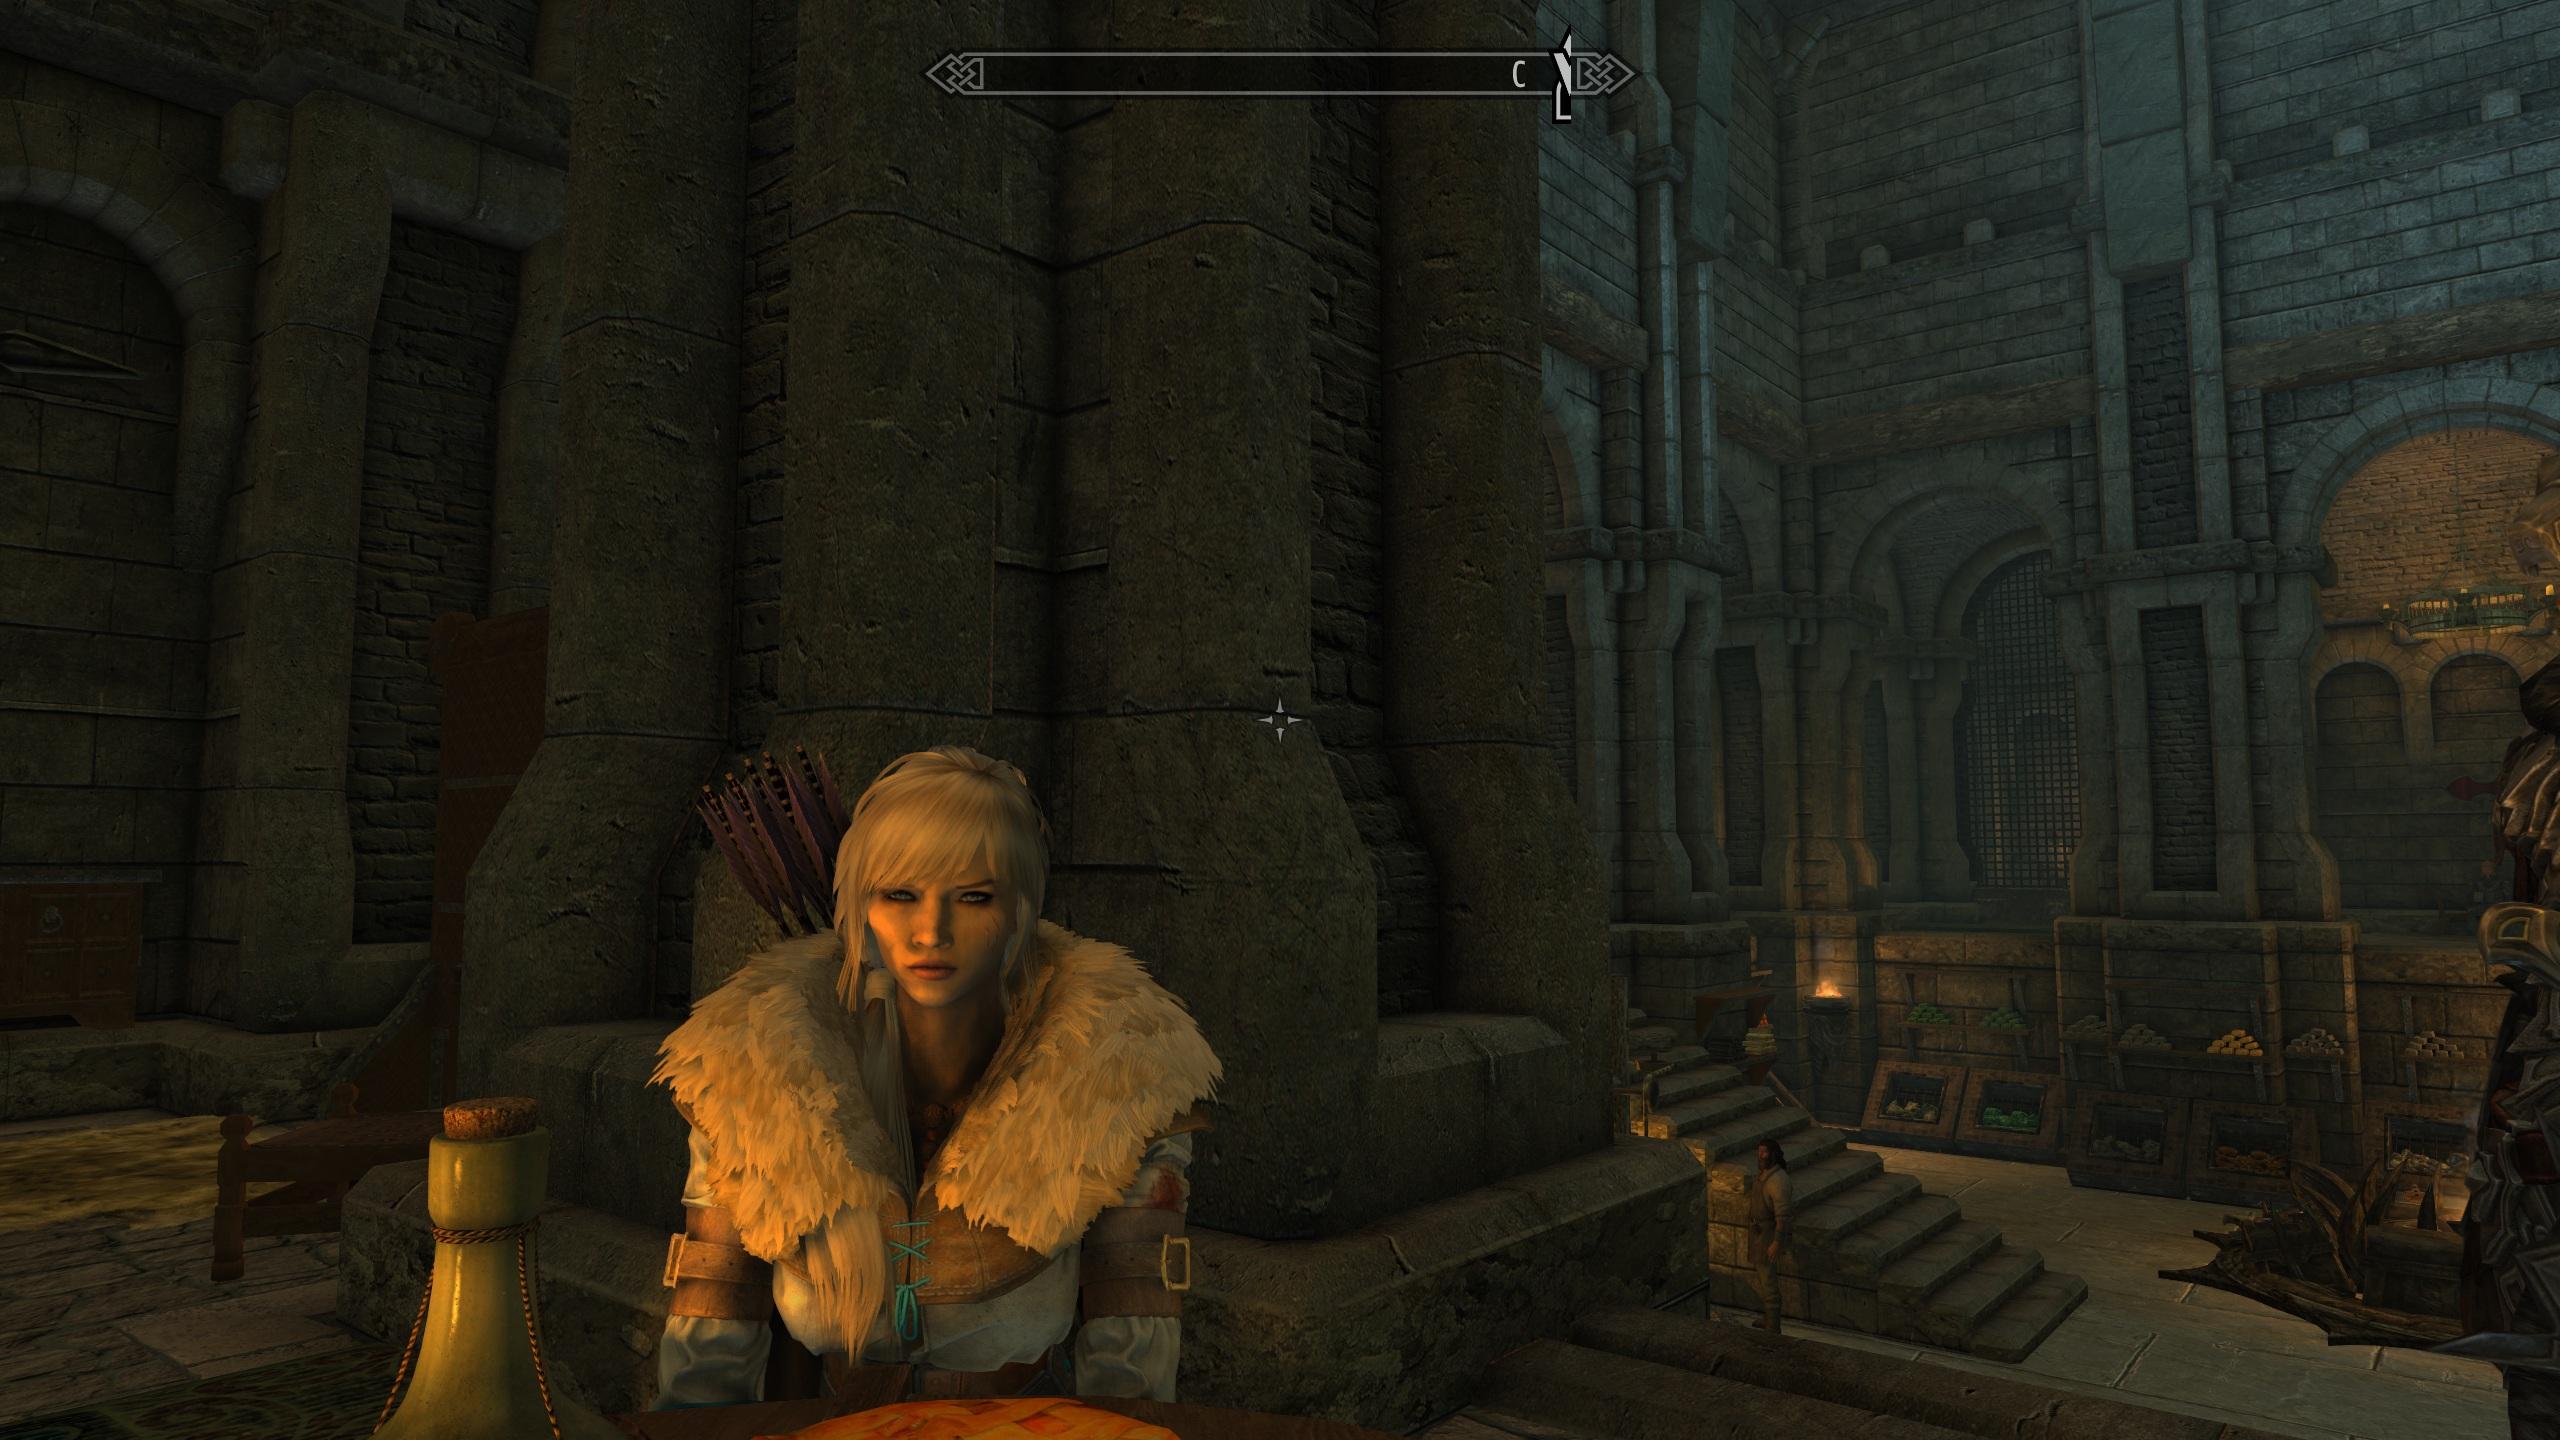 красивый персонаж в Skyrim - Elder Scrolls 5: Skyrim, the